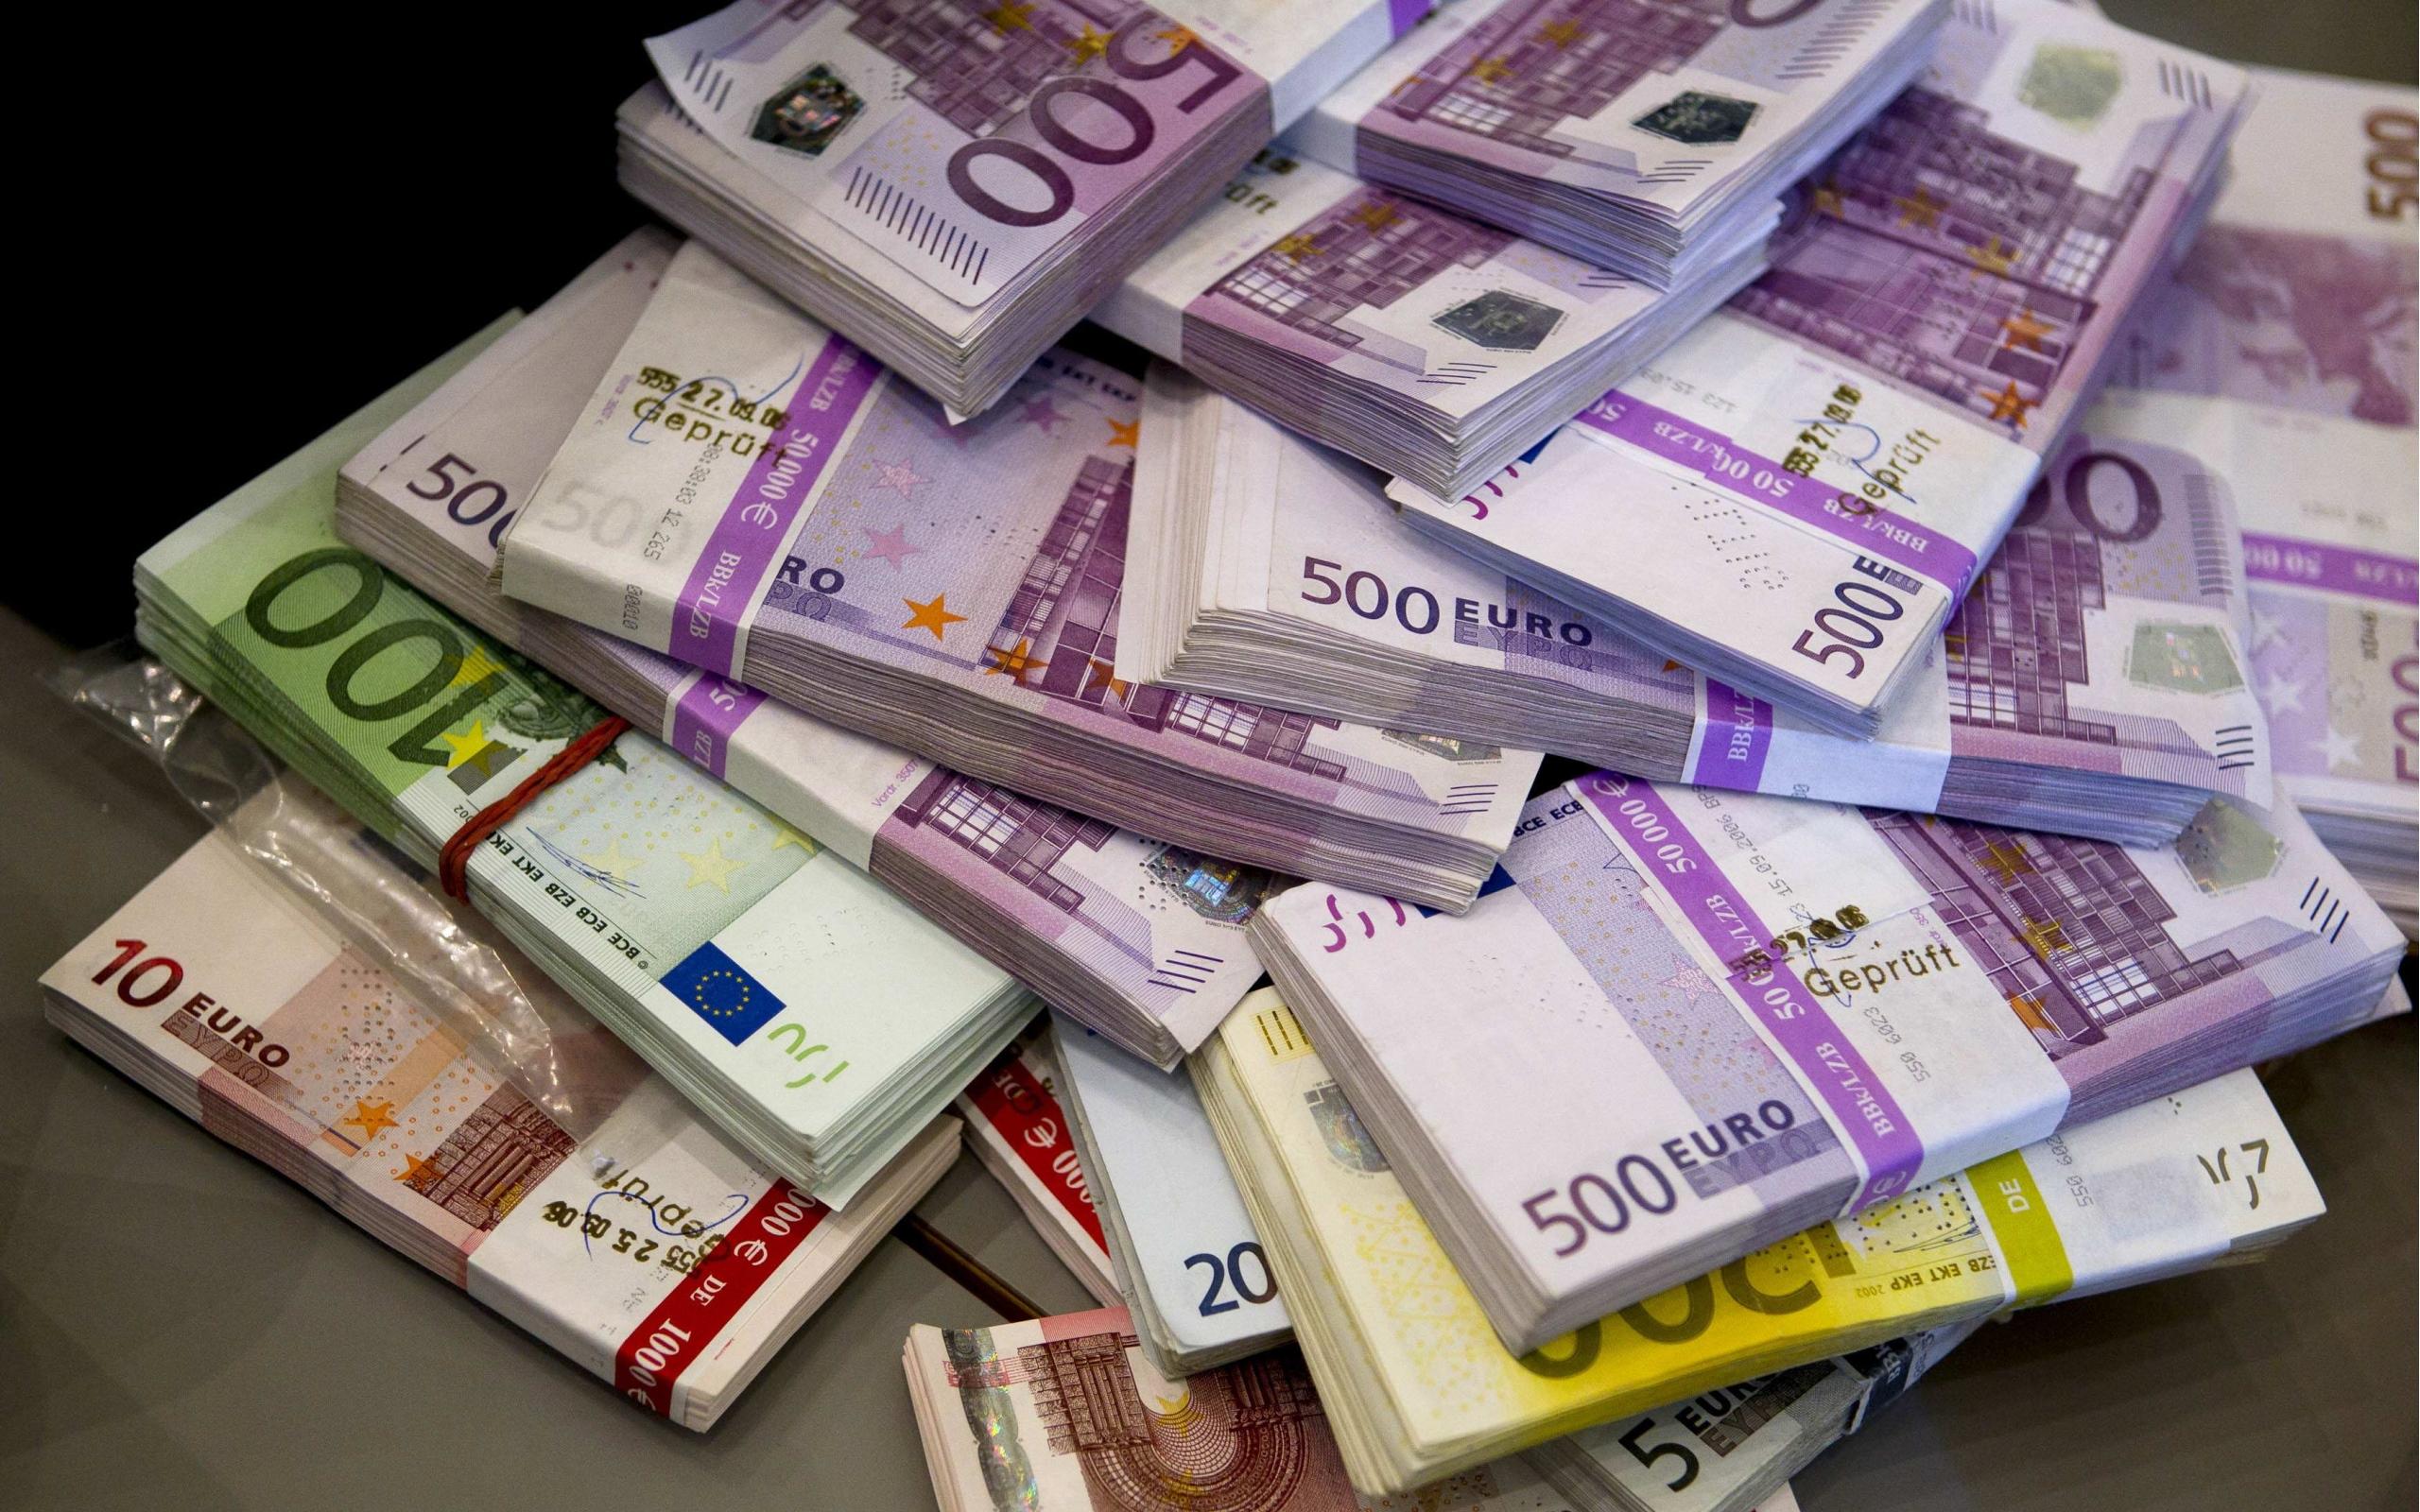 rabstol_net_money_01